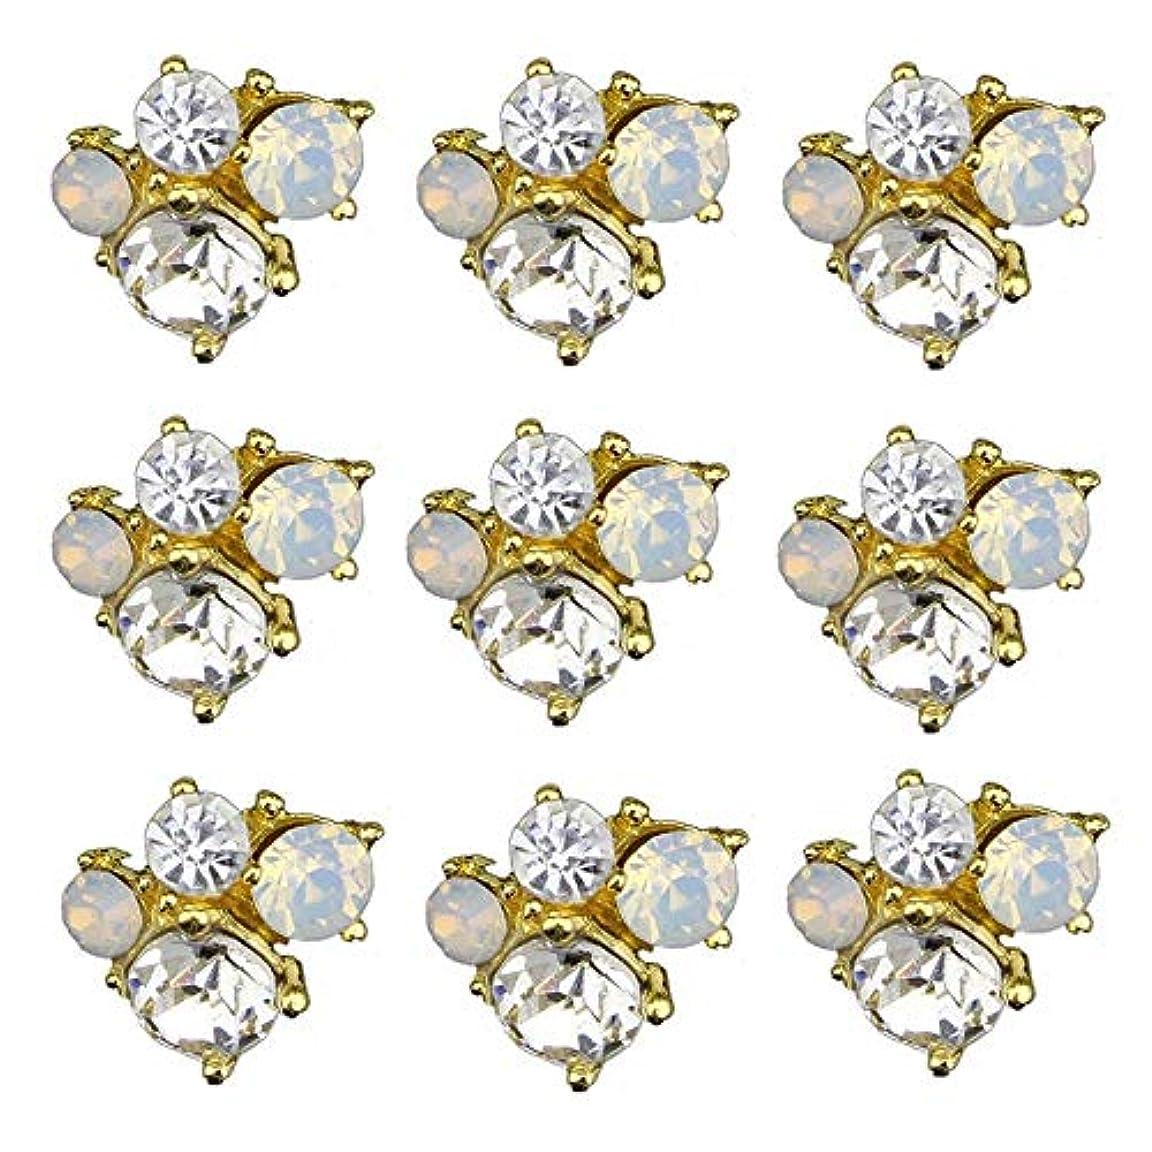 終わらせるええ衝突するネイルズデザインのための10pcsの3Dネイルアーツグリッターラインストーンの装飾チャームクリスタル飾るスタッドアクセサリー